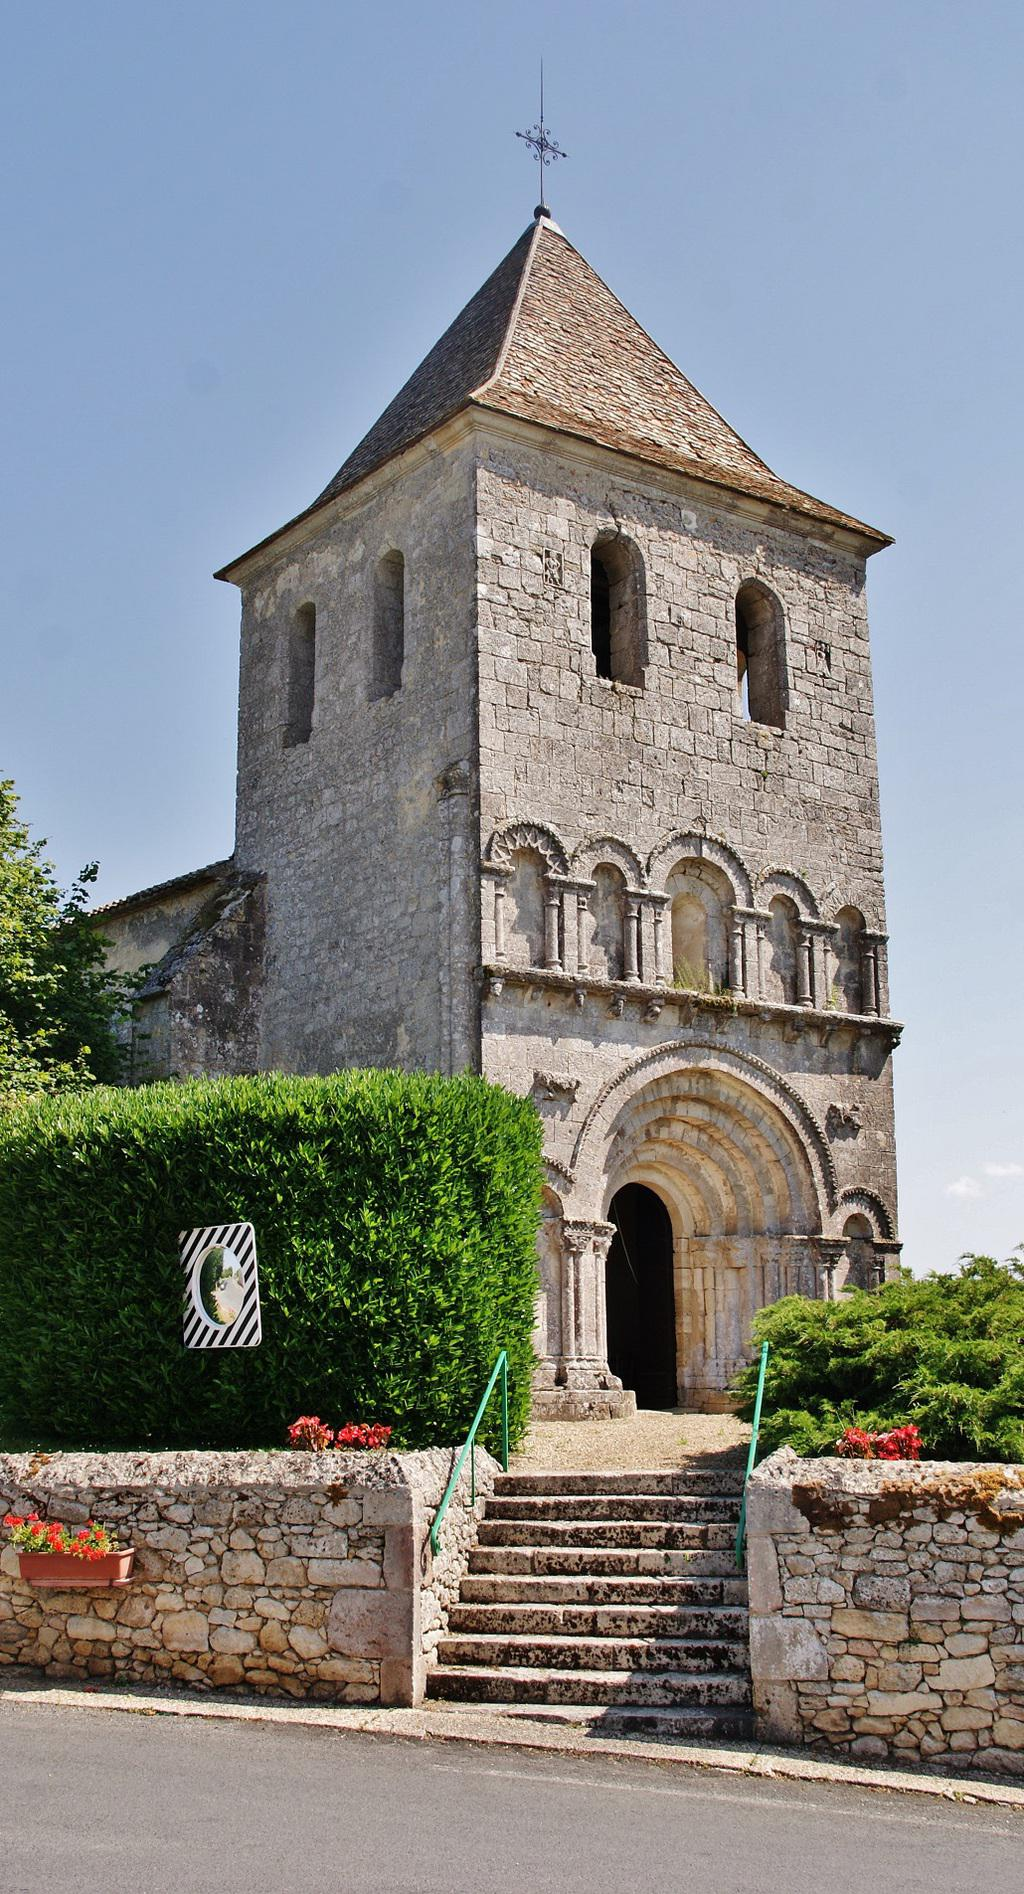 Eglise Saint-Pierre de Carsac à Carsac de gurson.